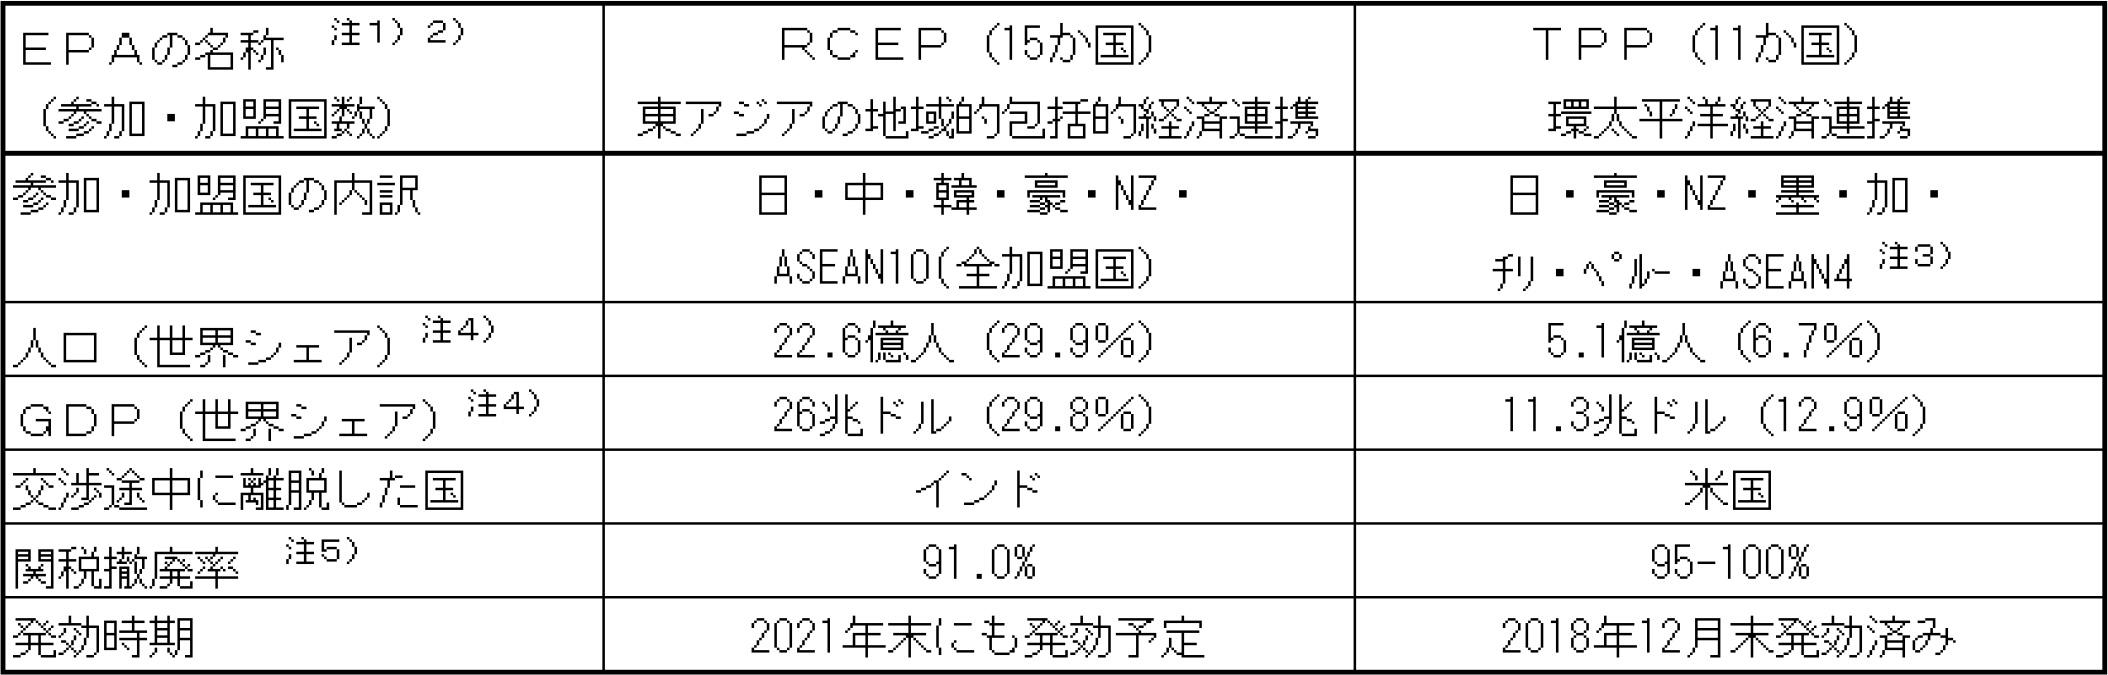 図表2:RCEPとTPPの比較